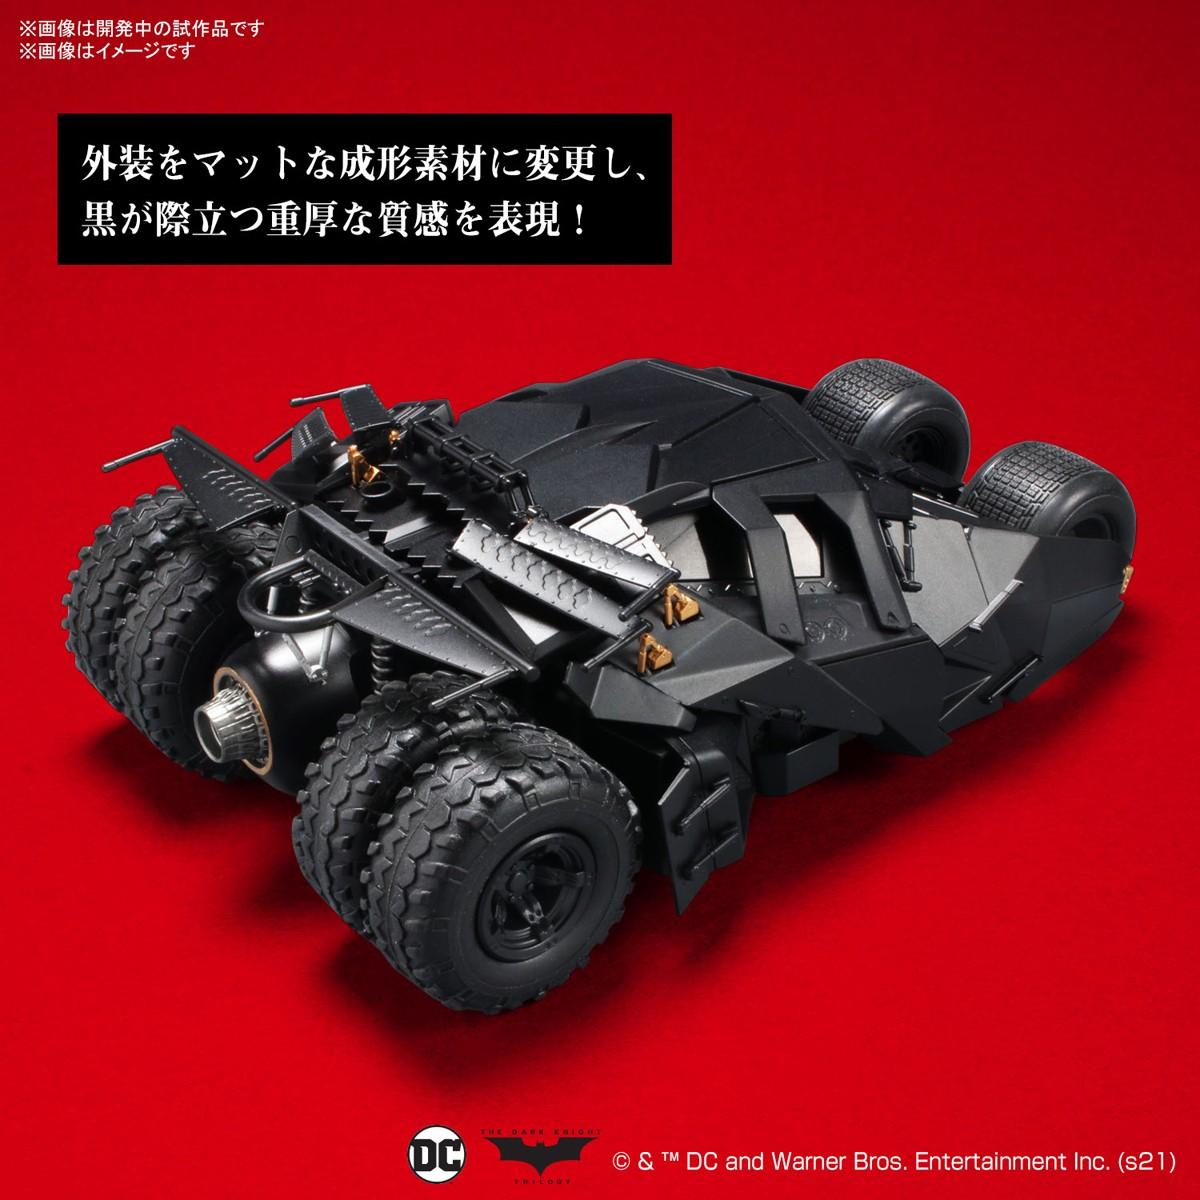 万代《蝙蝠侠:侠影之谜》蝙蝠车模型 酷炫霸气逼真还原插图5